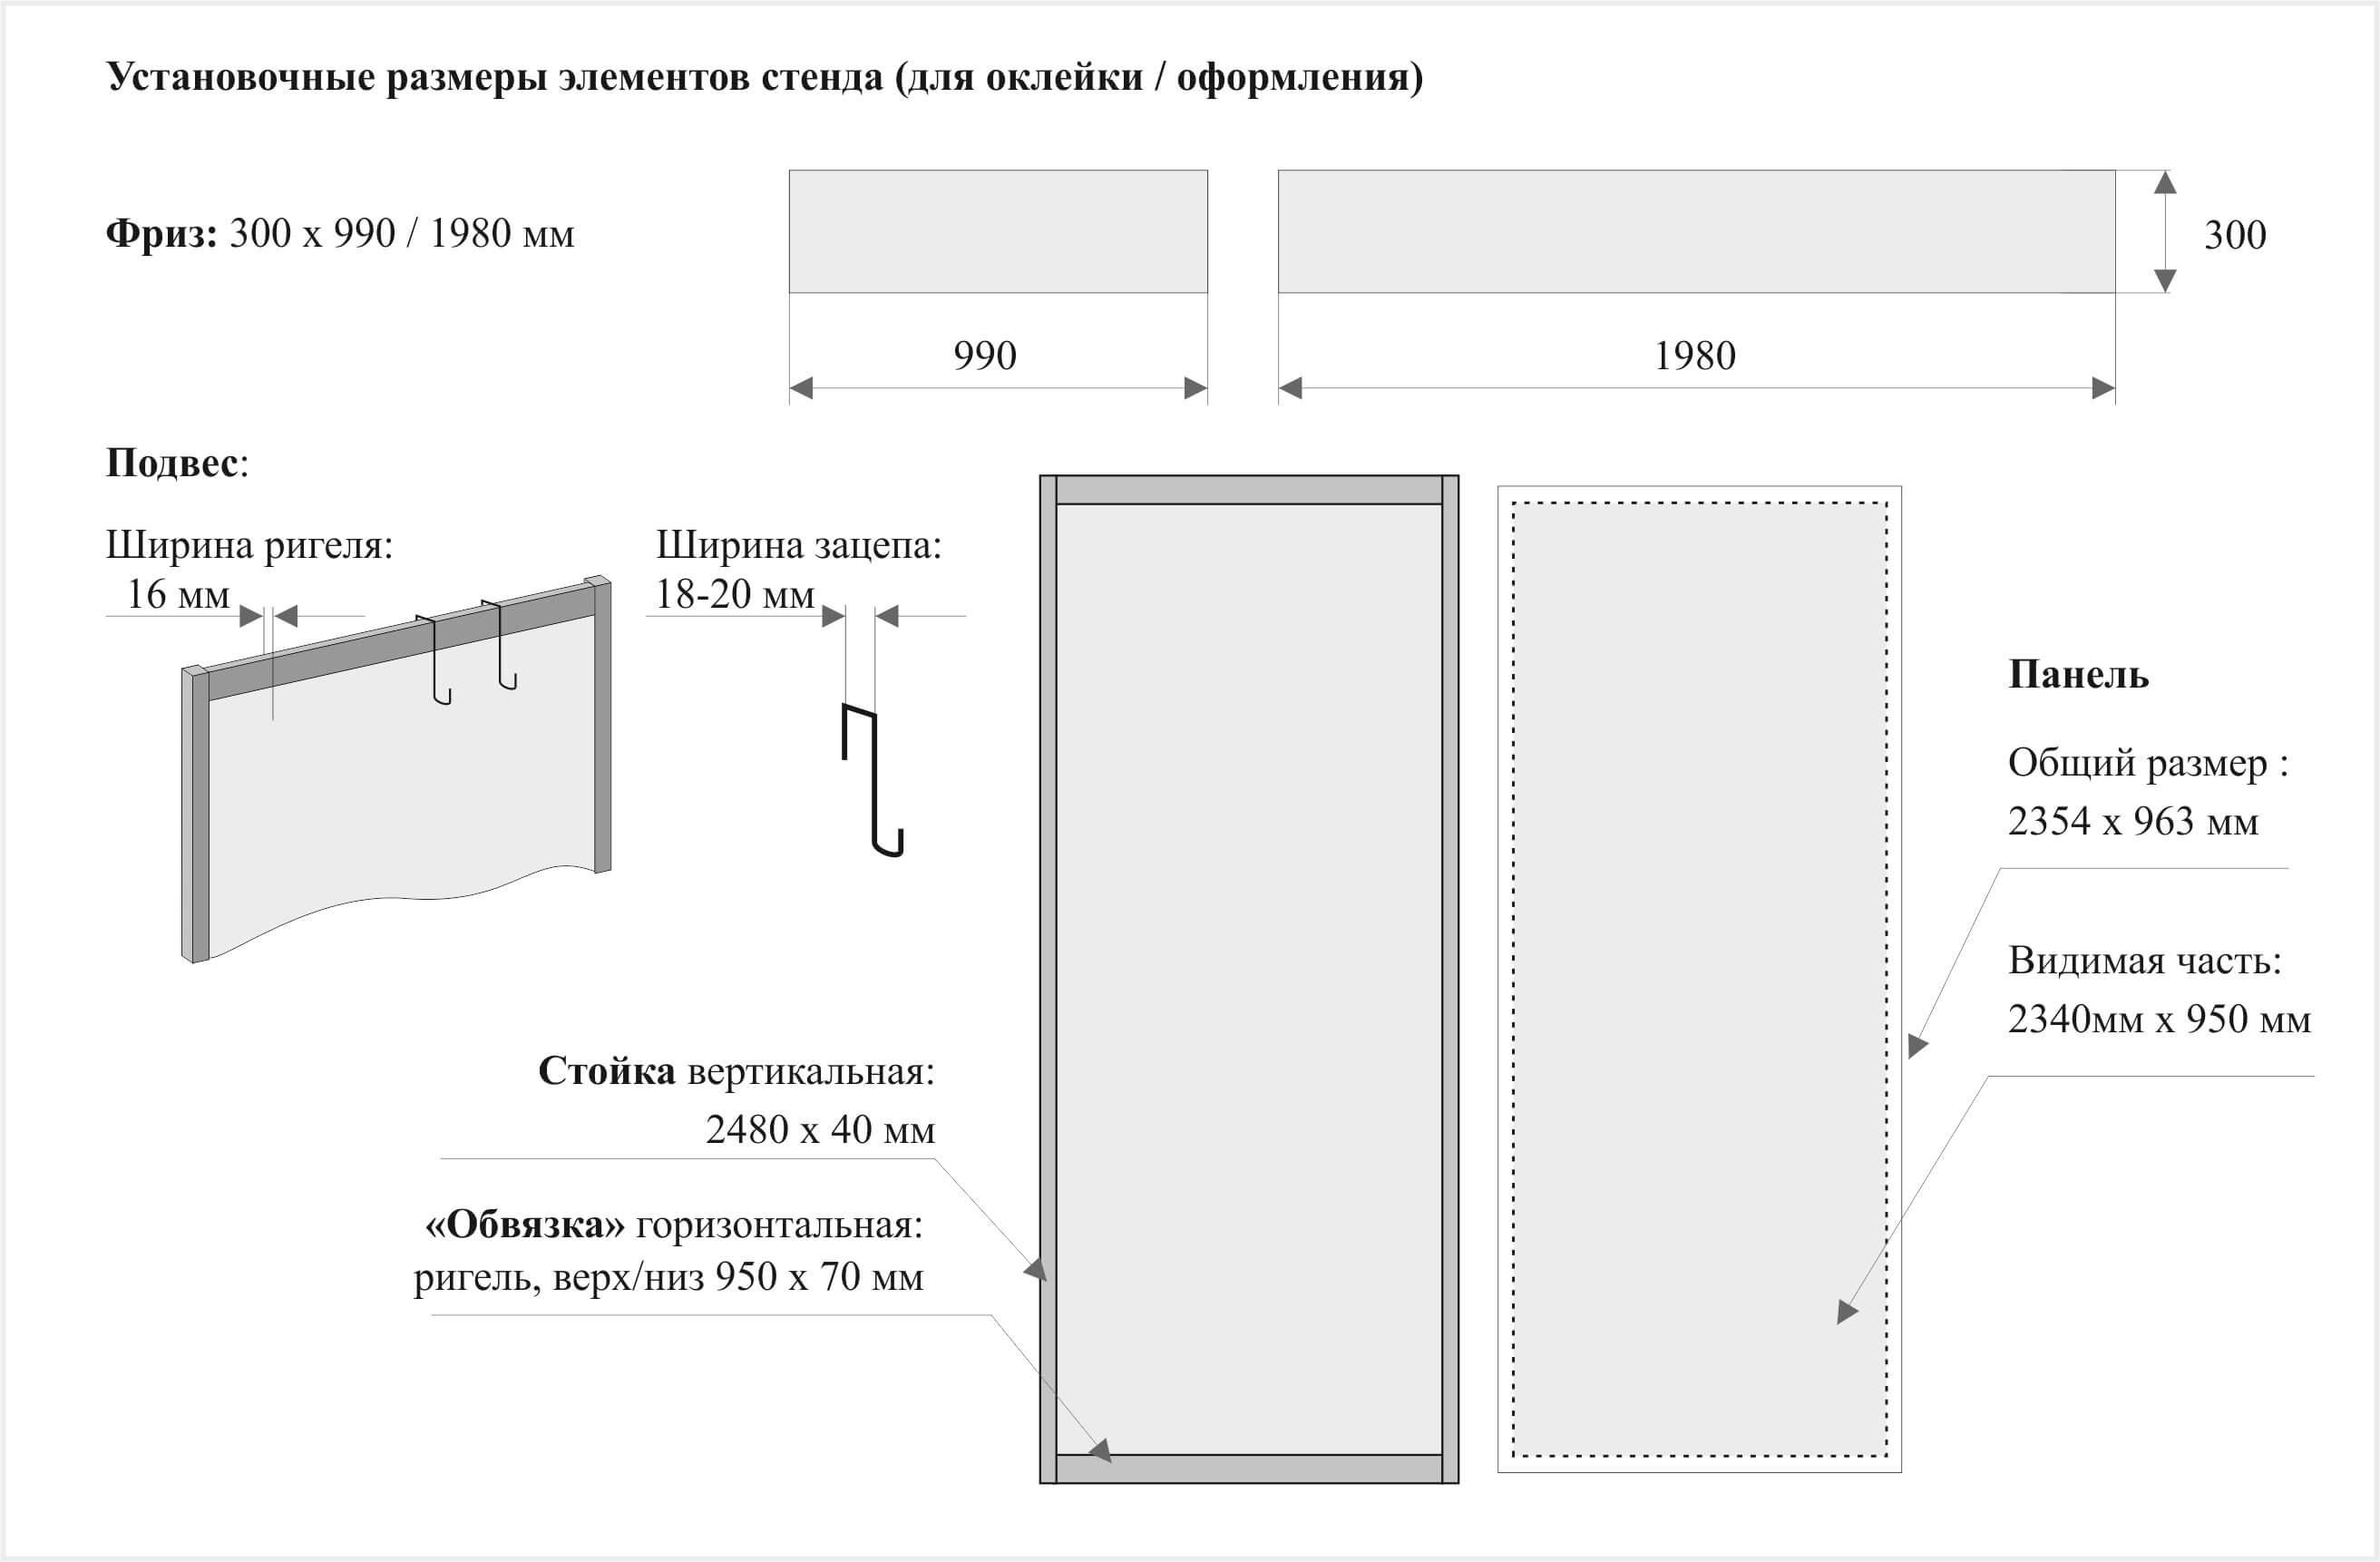 Схема размеры оформления стендов, панелей ЦБ 13 04 2018